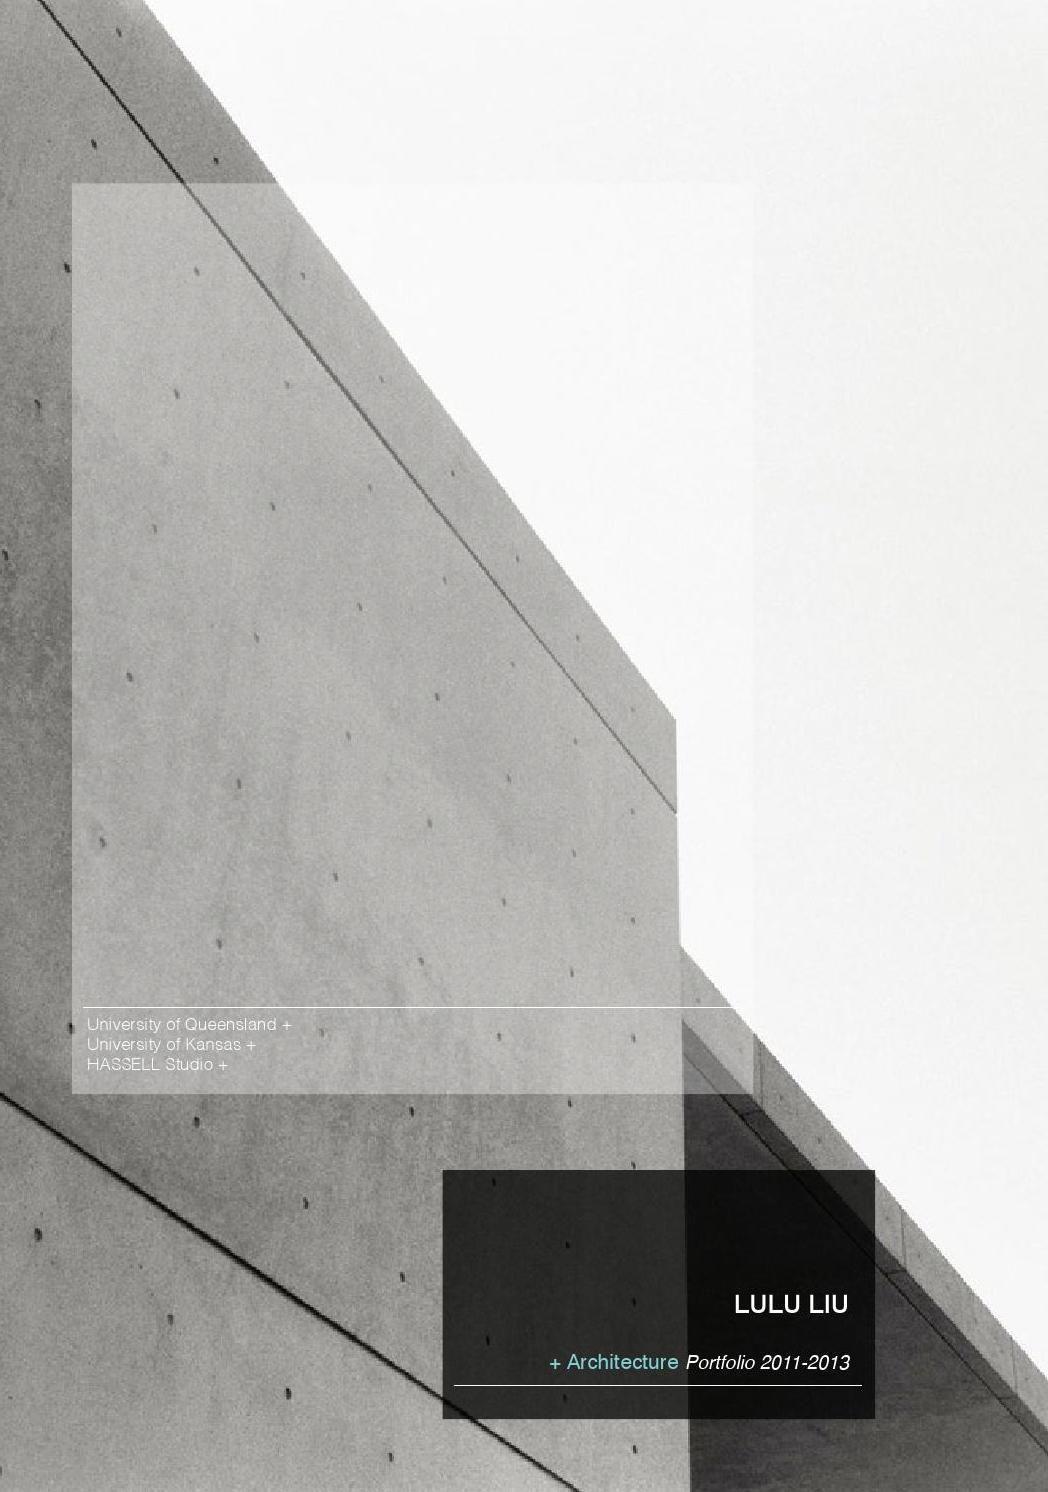 Ensa Paris Val De Seine portfolio nemo liu 2013   architecture portfolio, portfolio